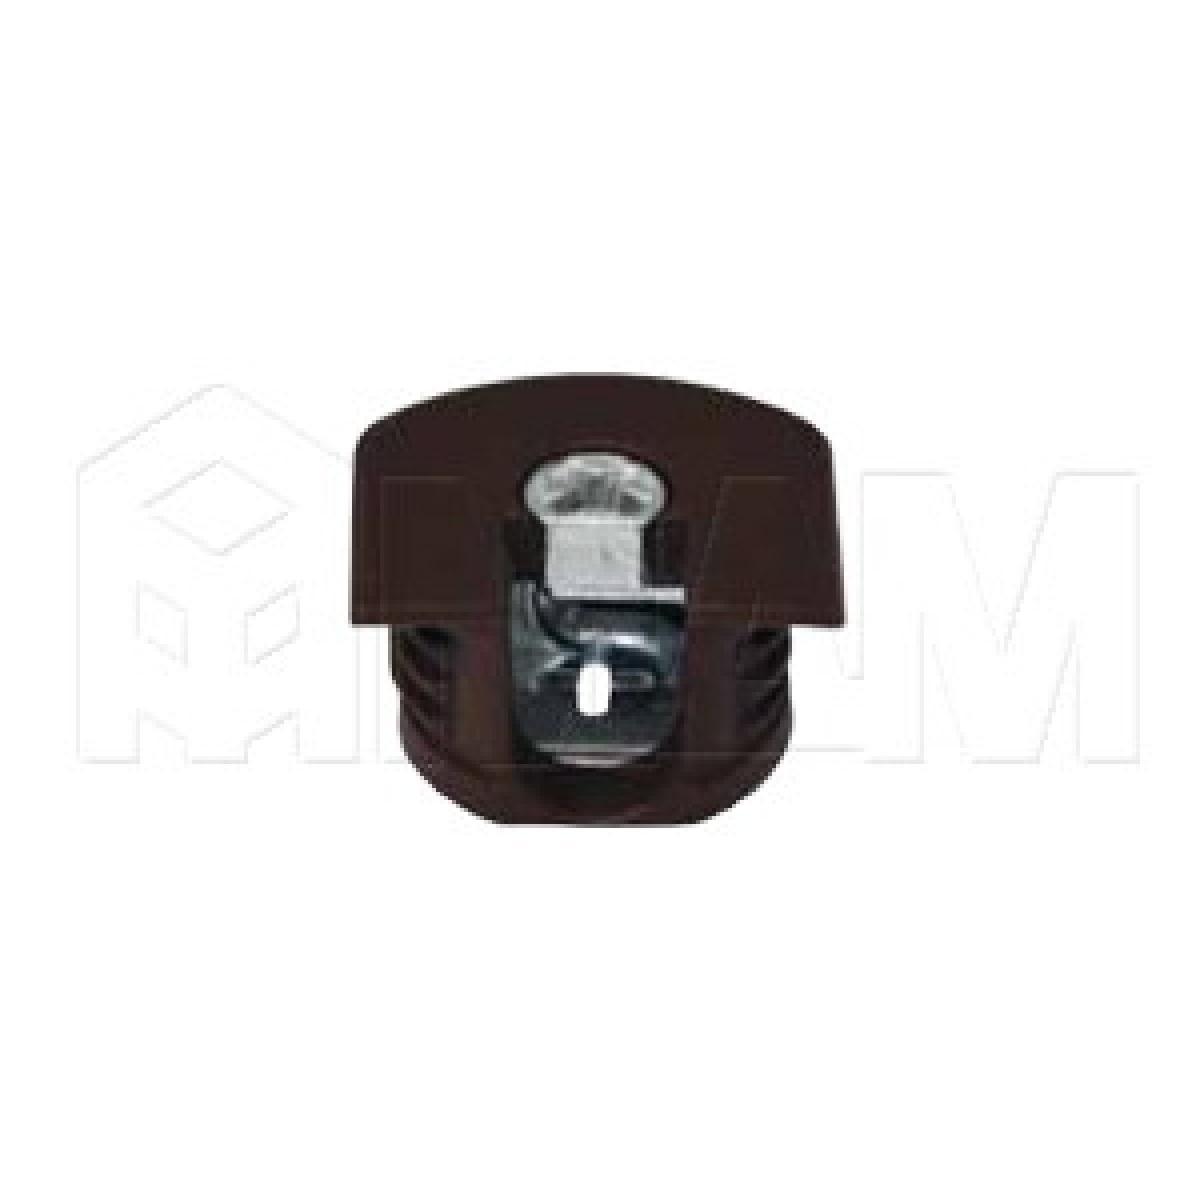 Эксцентрик усиленный в пластиковом корпусе 25 мм, коричневый